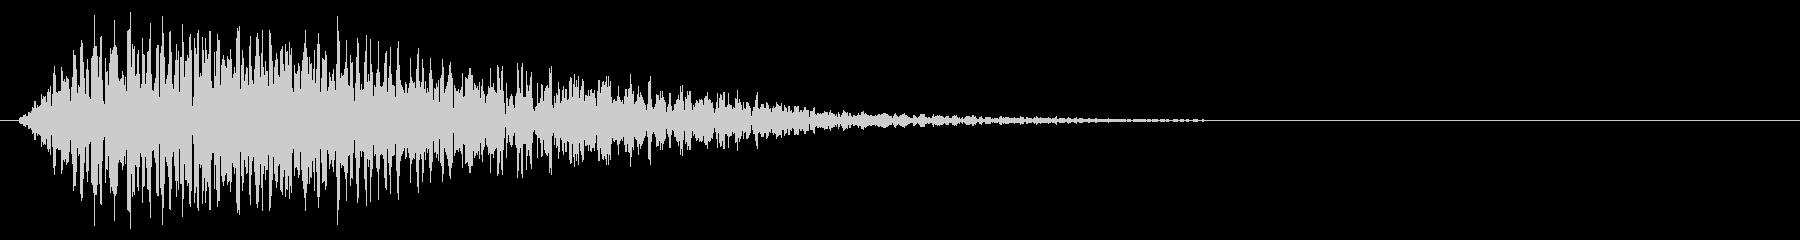 クラブ系 タッチ音5(マイナーナインス)の未再生の波形